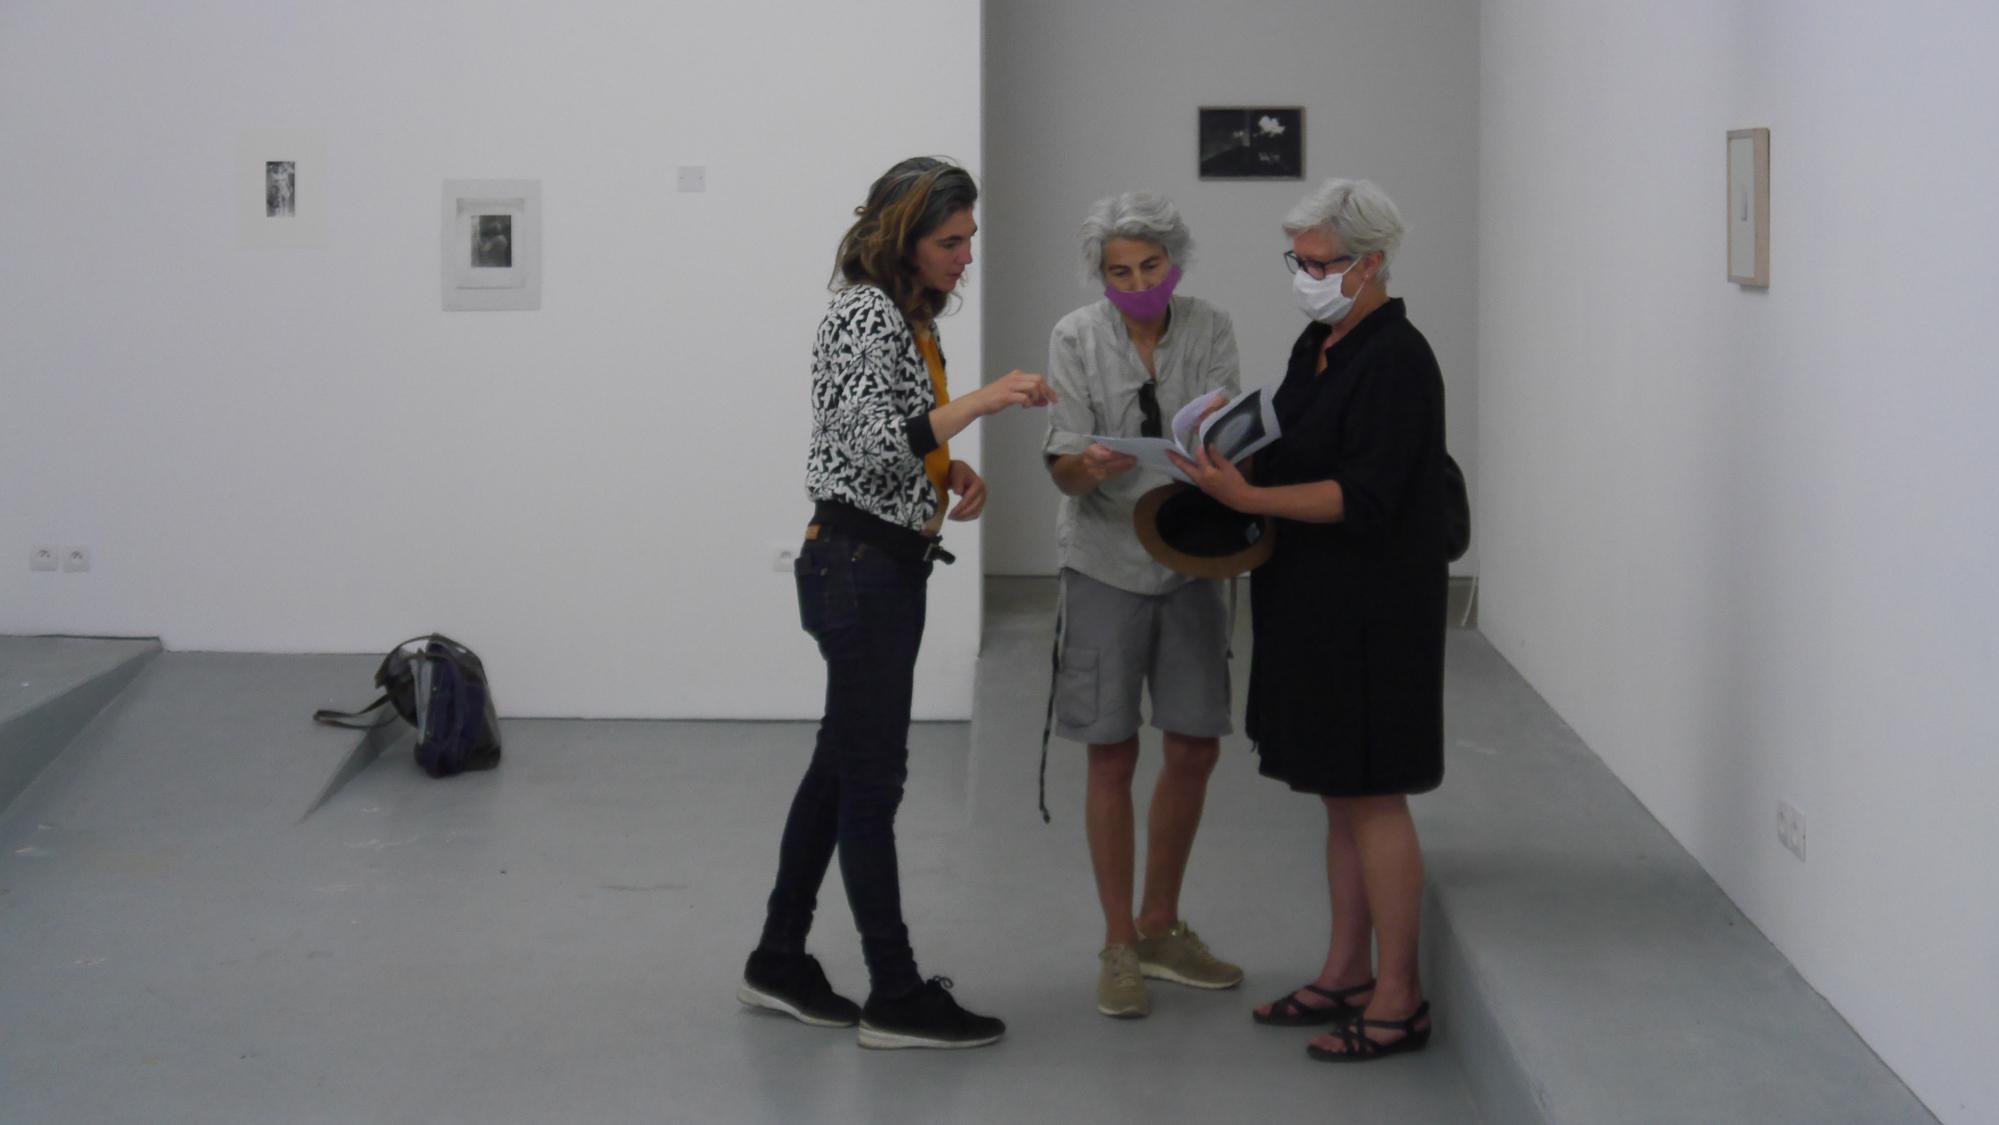 Chrystele Lerisse artiste, Cora Waschke commissaire d'expositions, Tania Desmet artiste à Treignac Projet 4